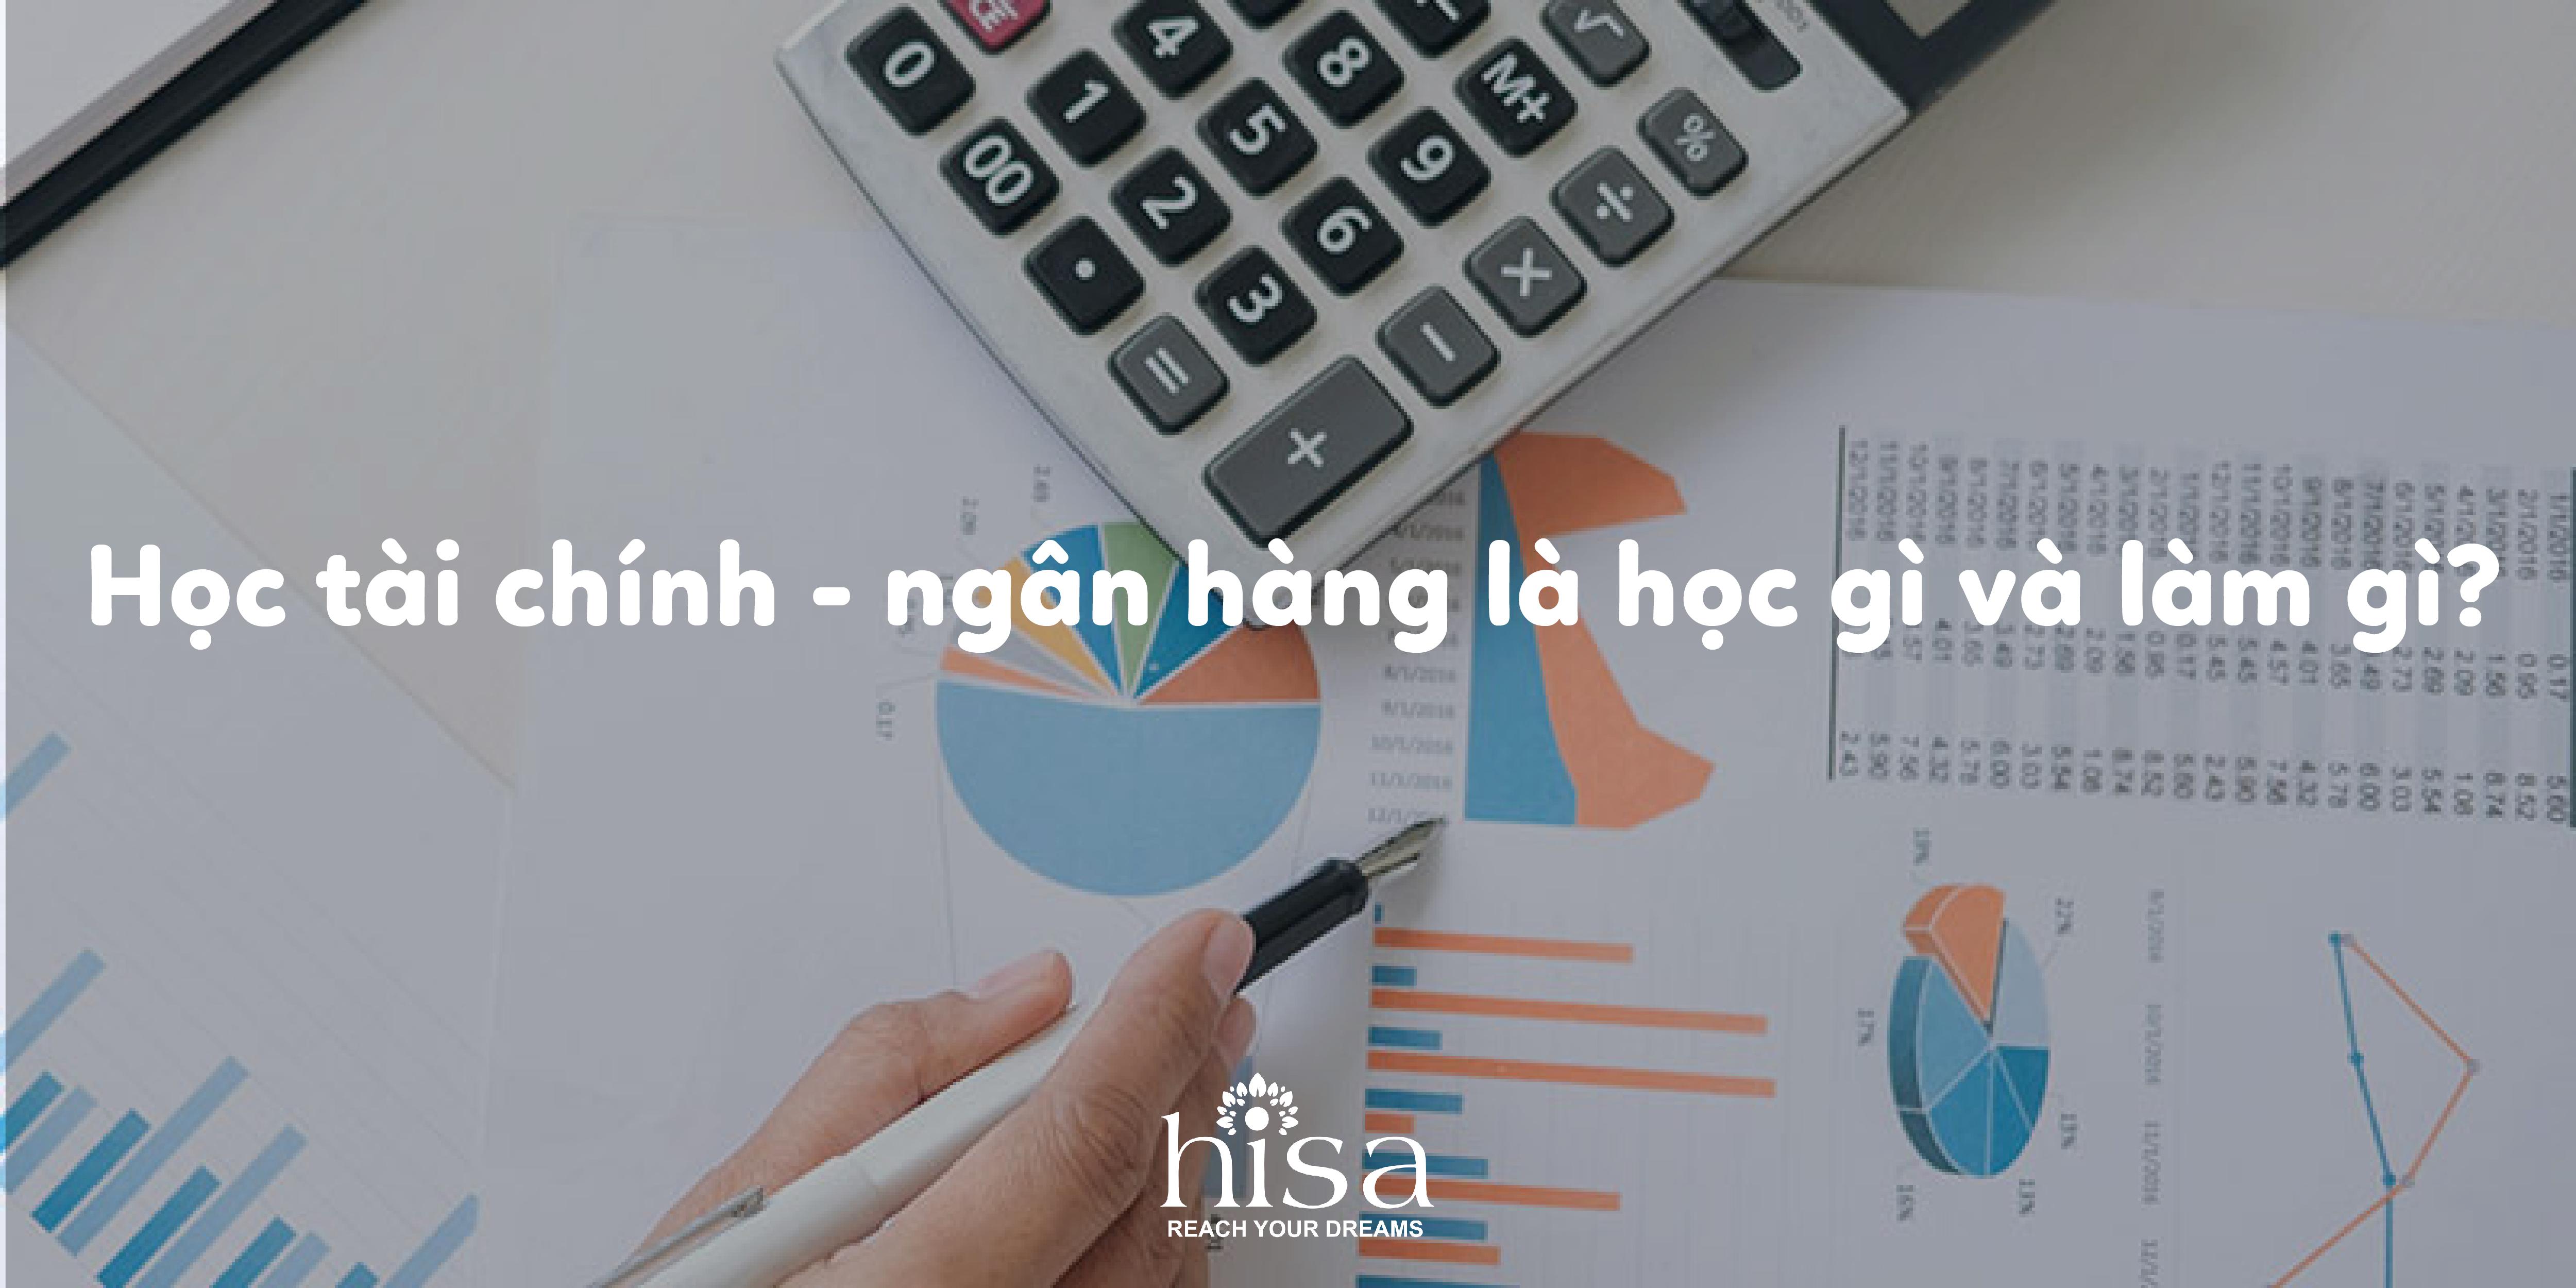 Học tài chính ngân hàng học gì, làm gì